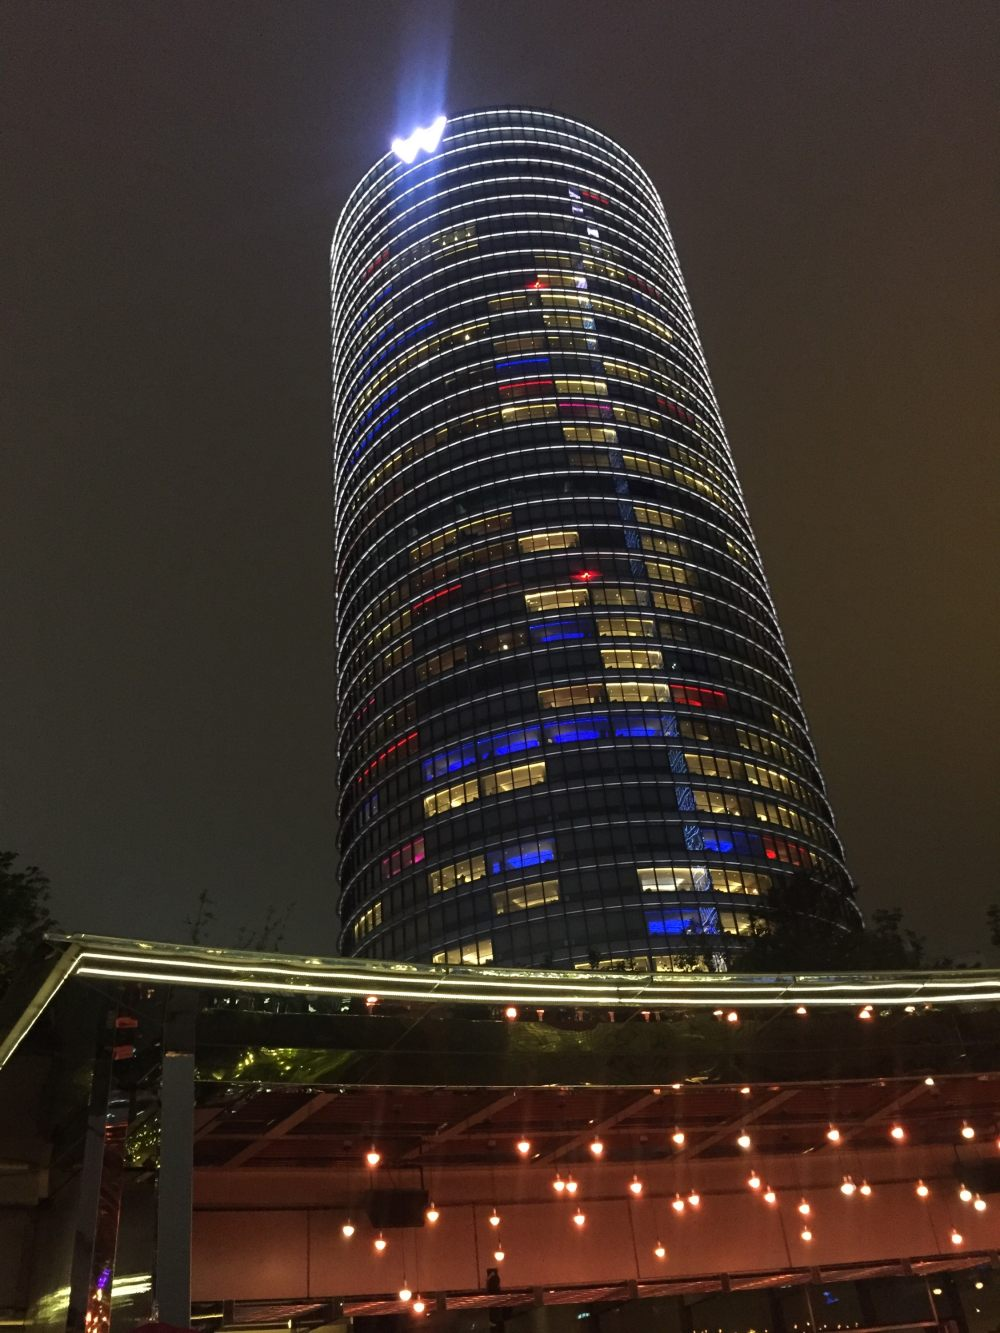 上海外滩W酒店,史上最全入住体验 自拍分享,申请置...._IMG_5869.JPG